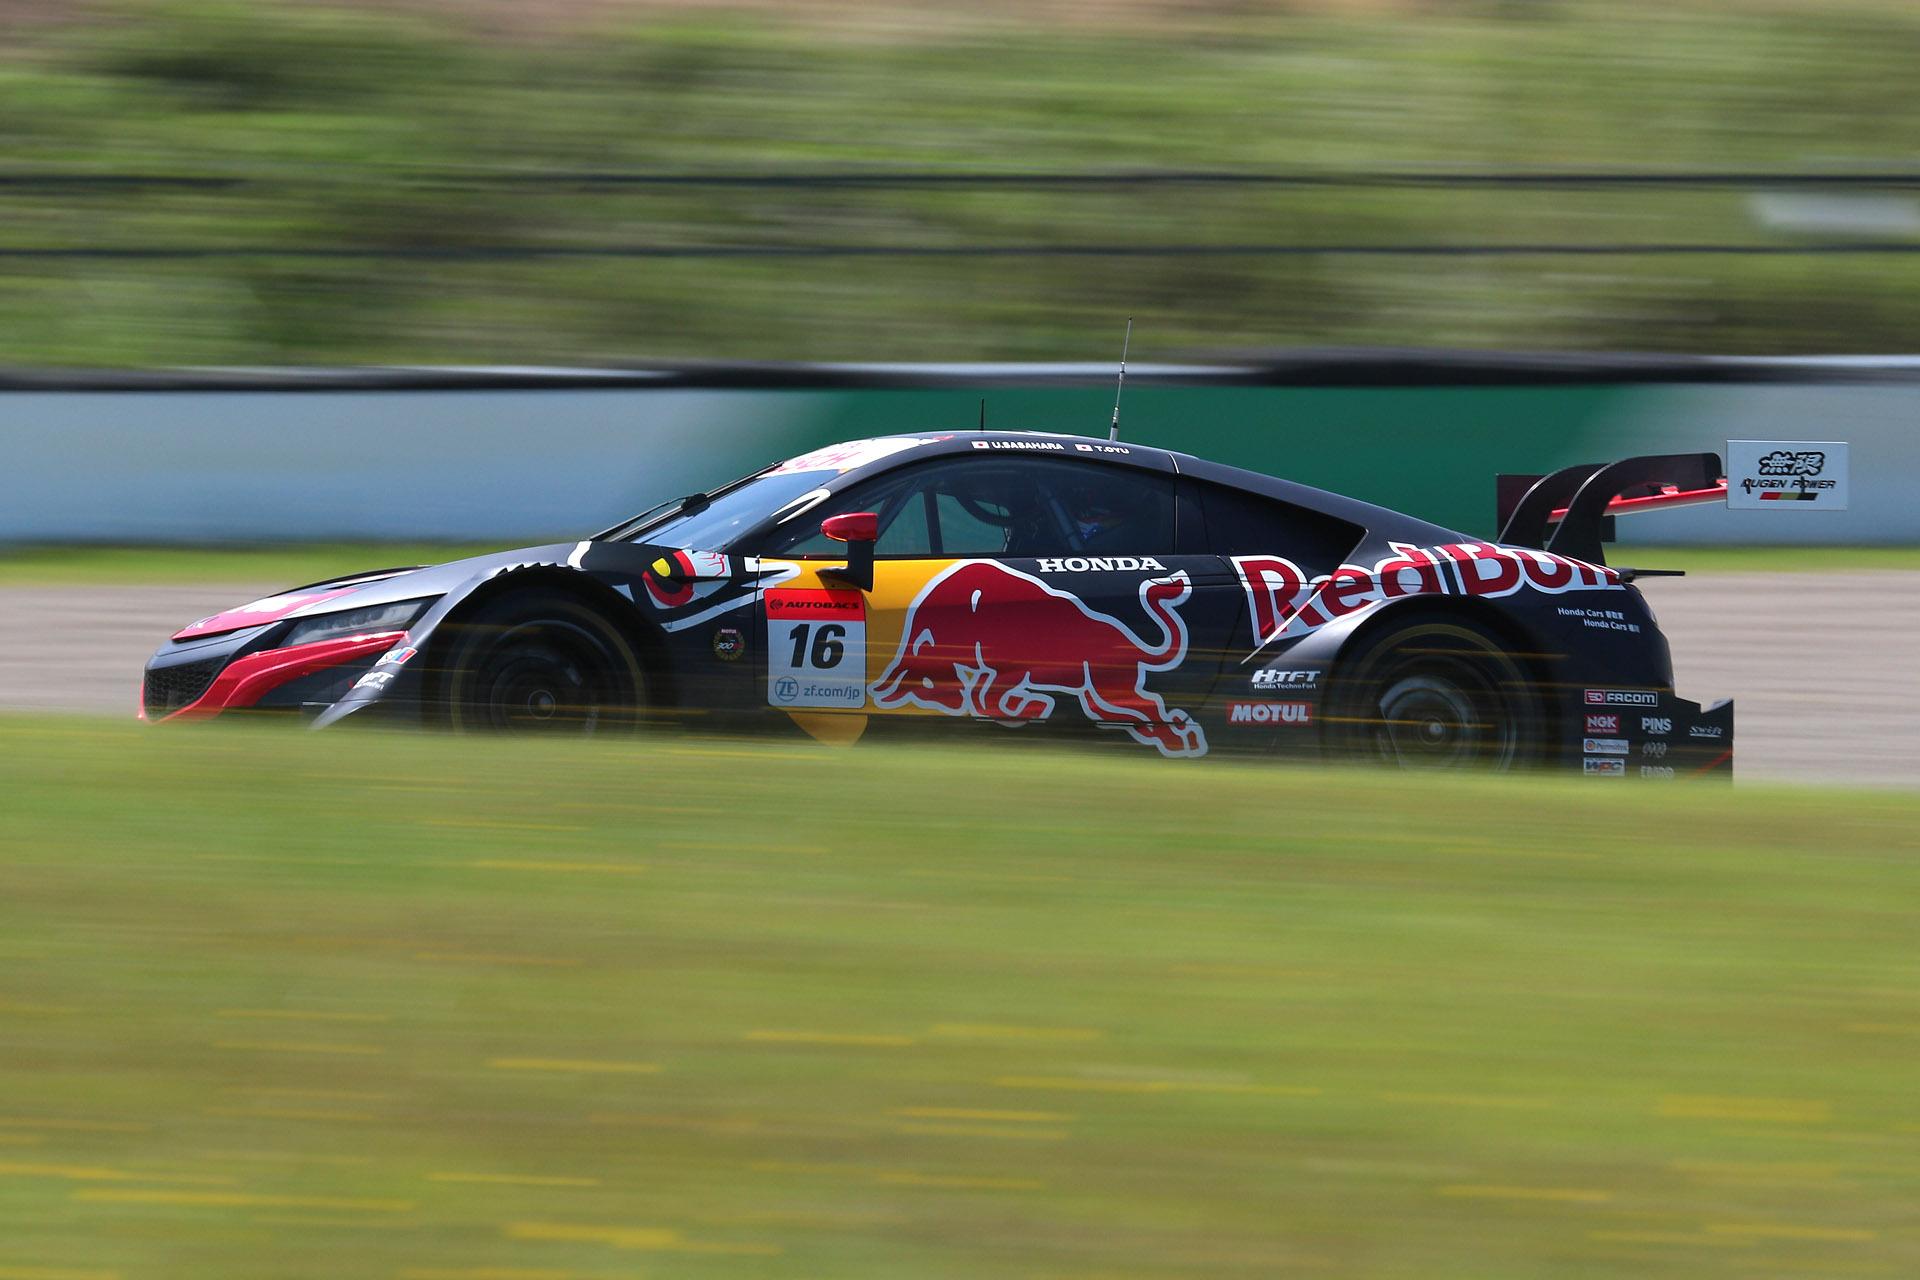 予選3位は16号車 Red Bull MOTUL MUGEN NSX-GT(笹原右京/大湯都史樹組、DL)